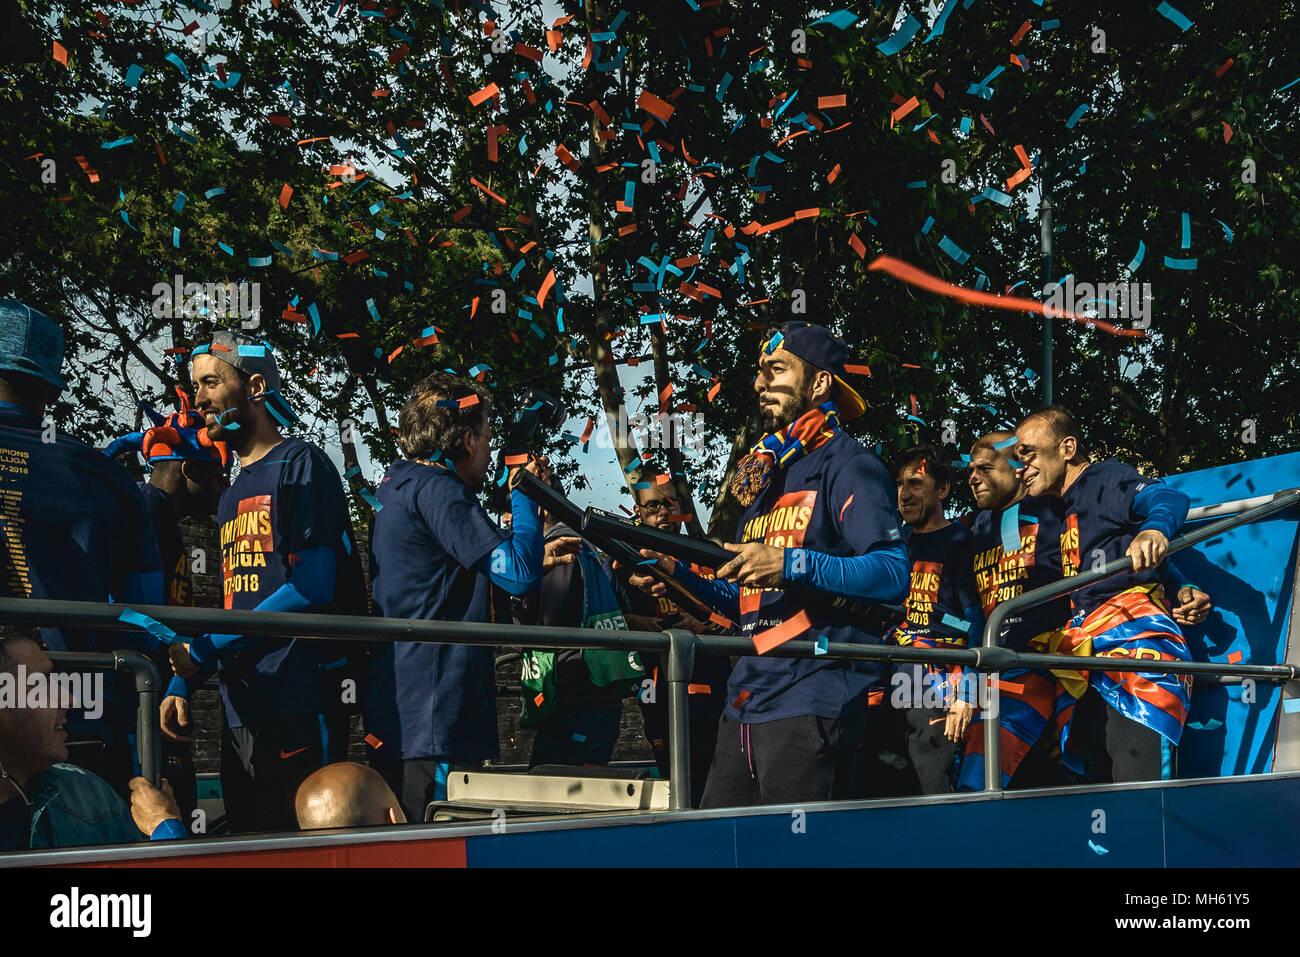 Barcelona, Spanien. 30 April, 2018: die Spieler des FC Barcelona und des technischen Personals während des FC Barcelona Open Top Bus Siegesparade nach dem Gewinn der LaLiga mit ihrem achten Double in der Vereinsgeschichte Credit: Matthias Oesterle/Alamy leben Nachrichten Stockfoto